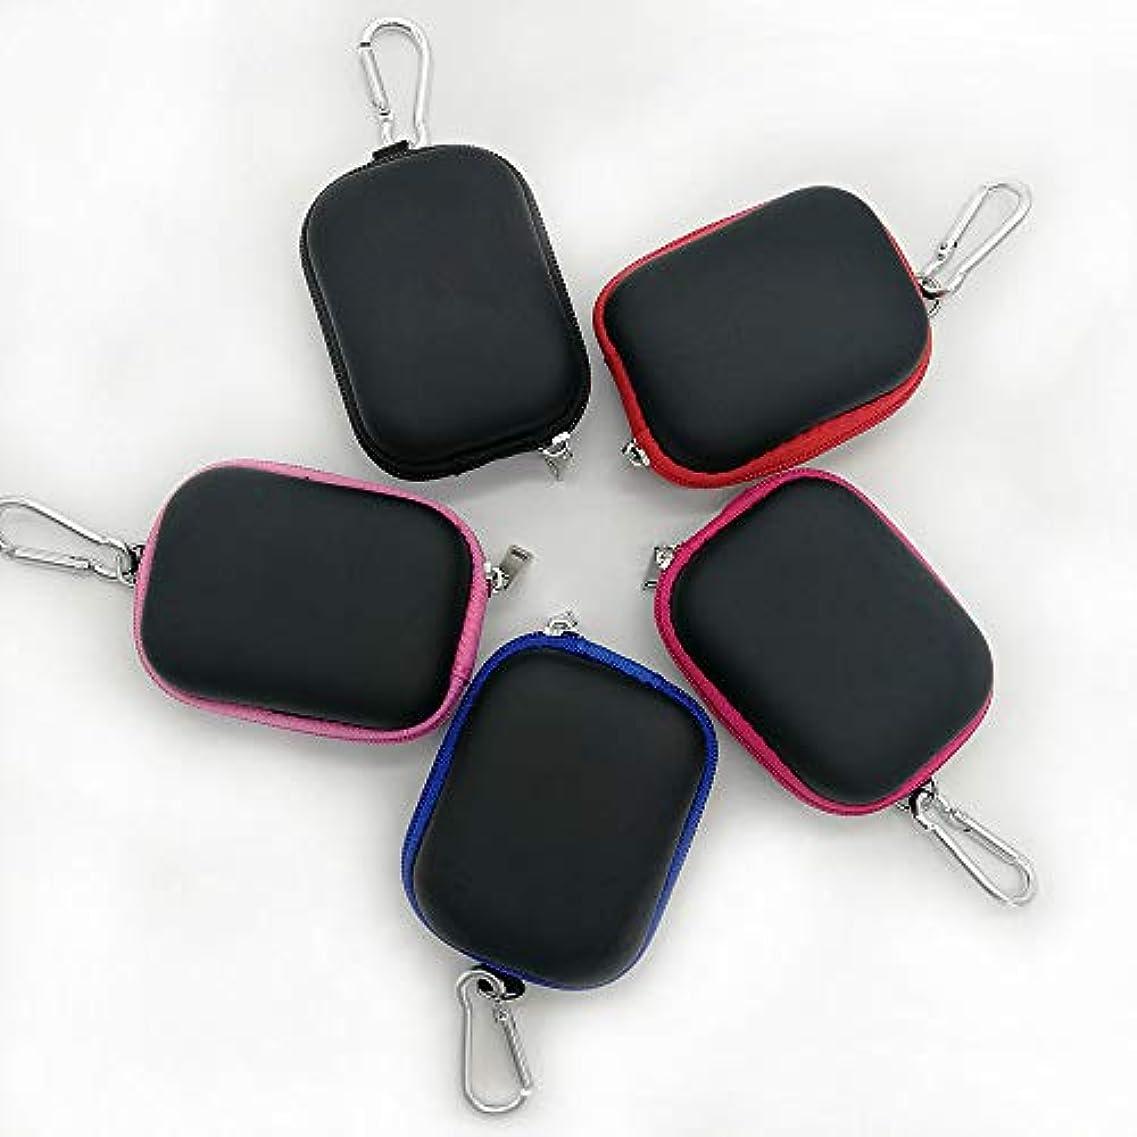 民主党コンドームちょうつがいDecdeal ポータブルエッセンシャルオイルバッグ エッセンシャルオイルポーチ 精油ケース エッセンシャルオイル収納袋 6本用 3ML 携帯用 耐震 携帯便利